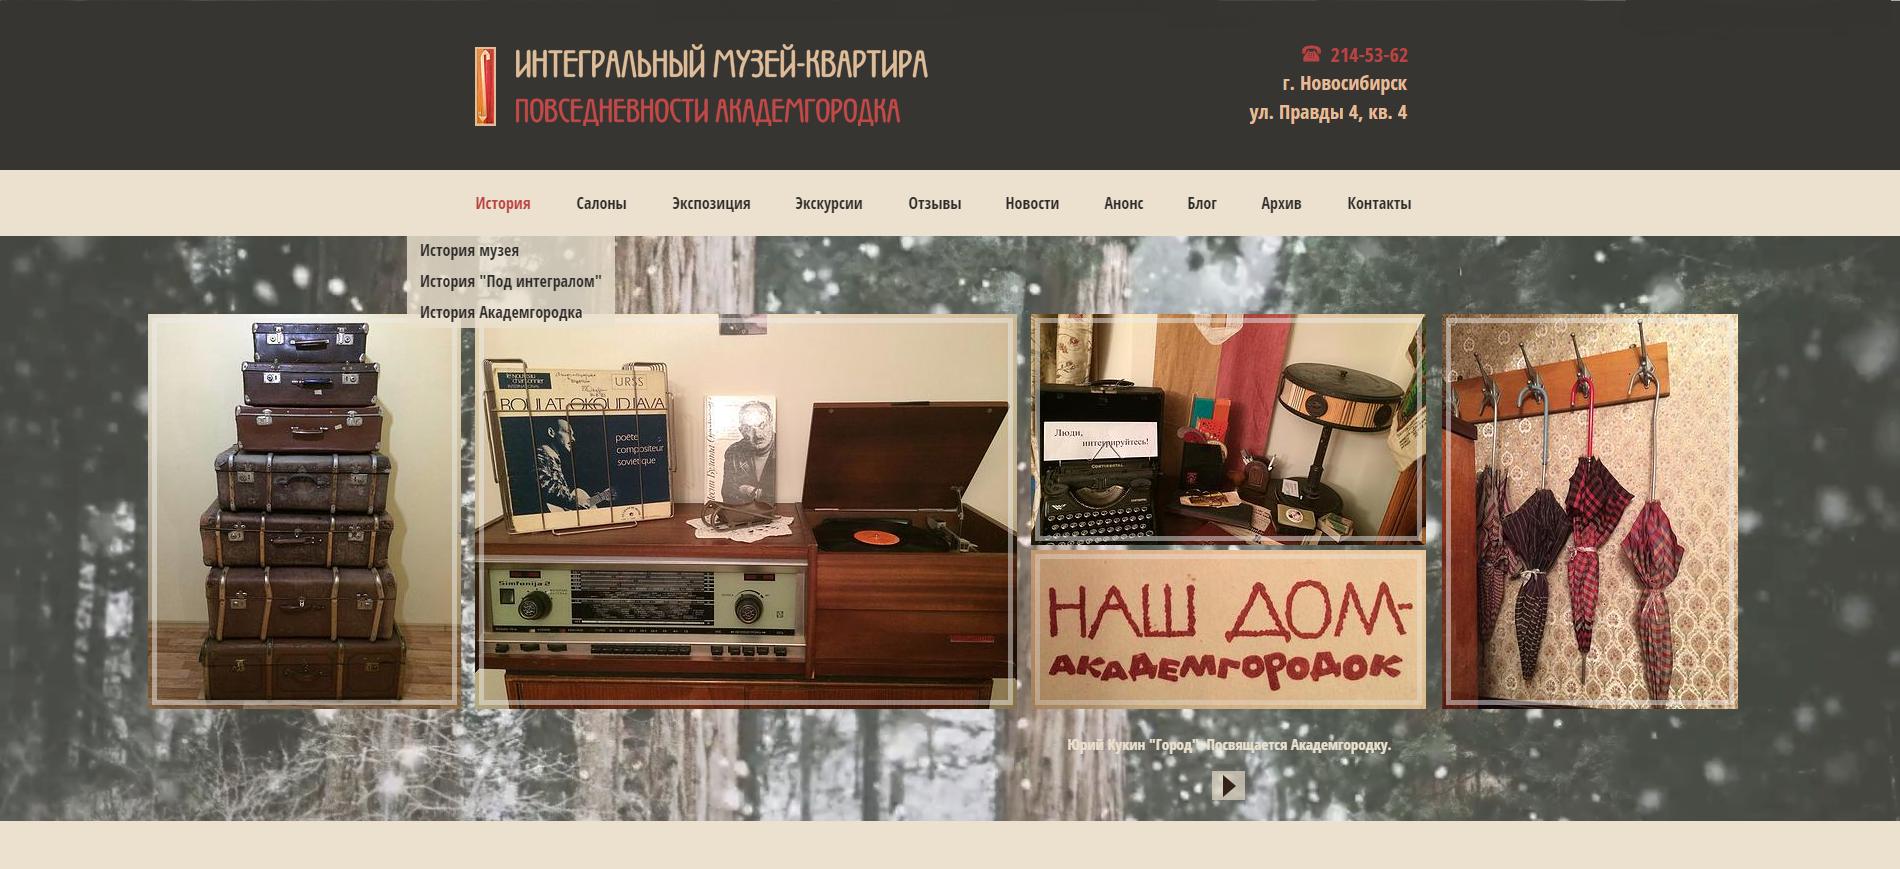 Сайт частного музея